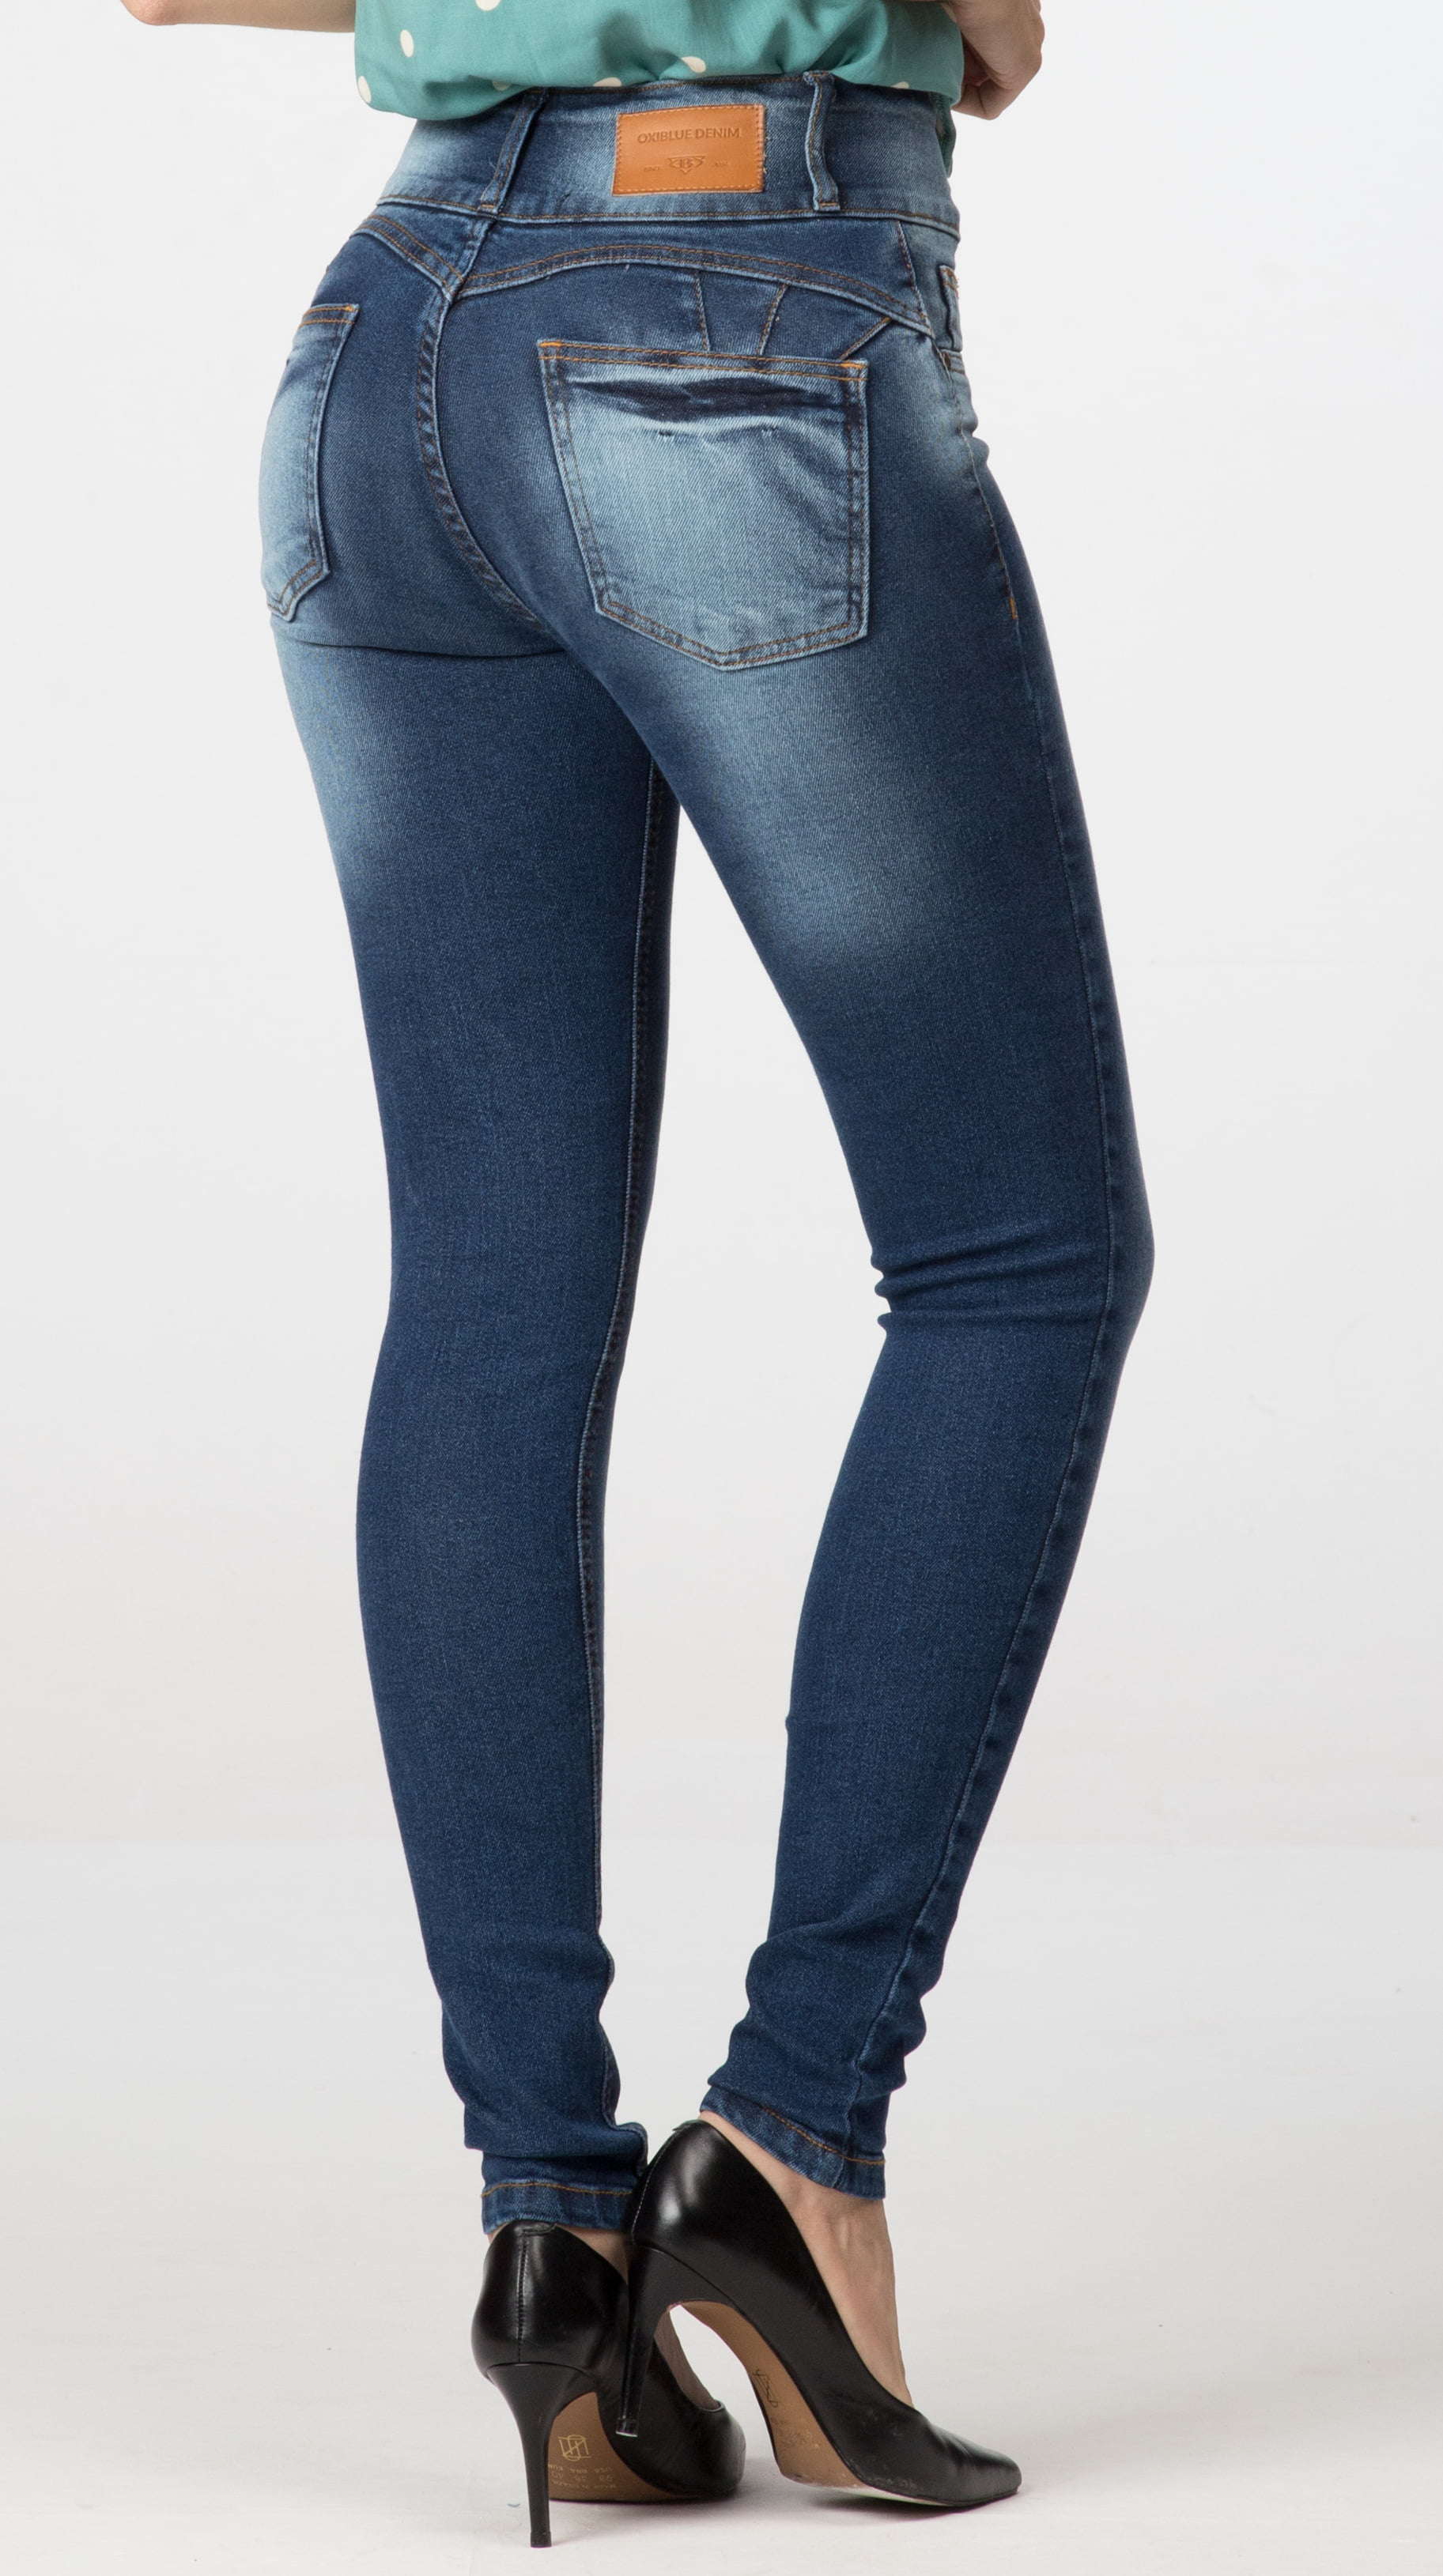 Calça Jeans Feminina Skinny Levanta Bumbum F2020302